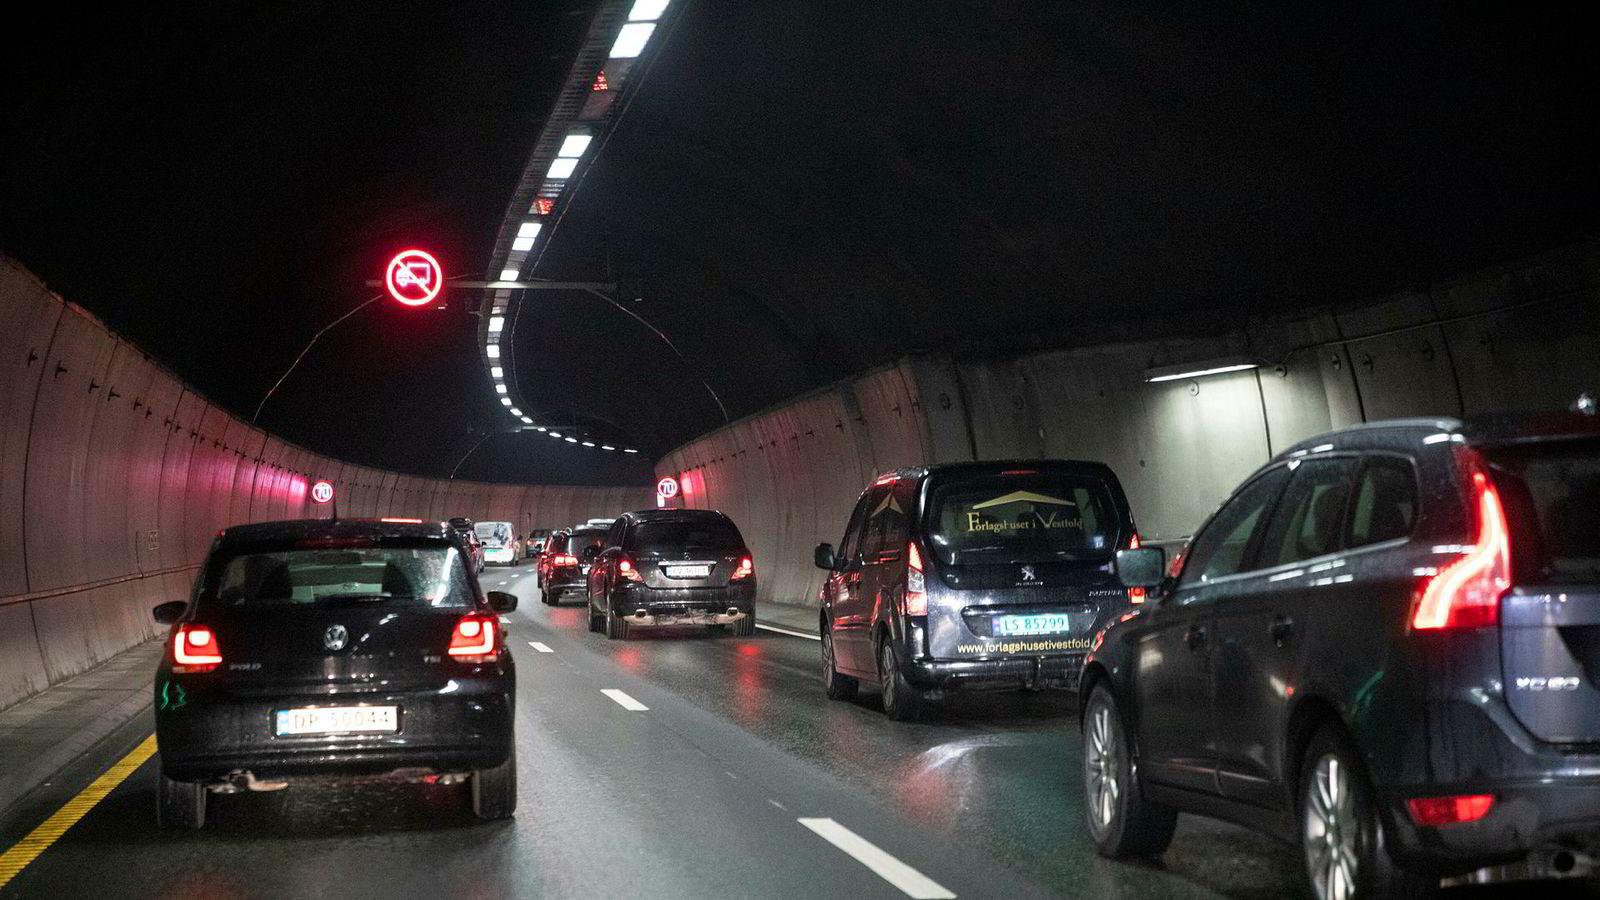 Utslippene fra veitrafikken økte i 2018. I årene fremover må utslippene gå ned.